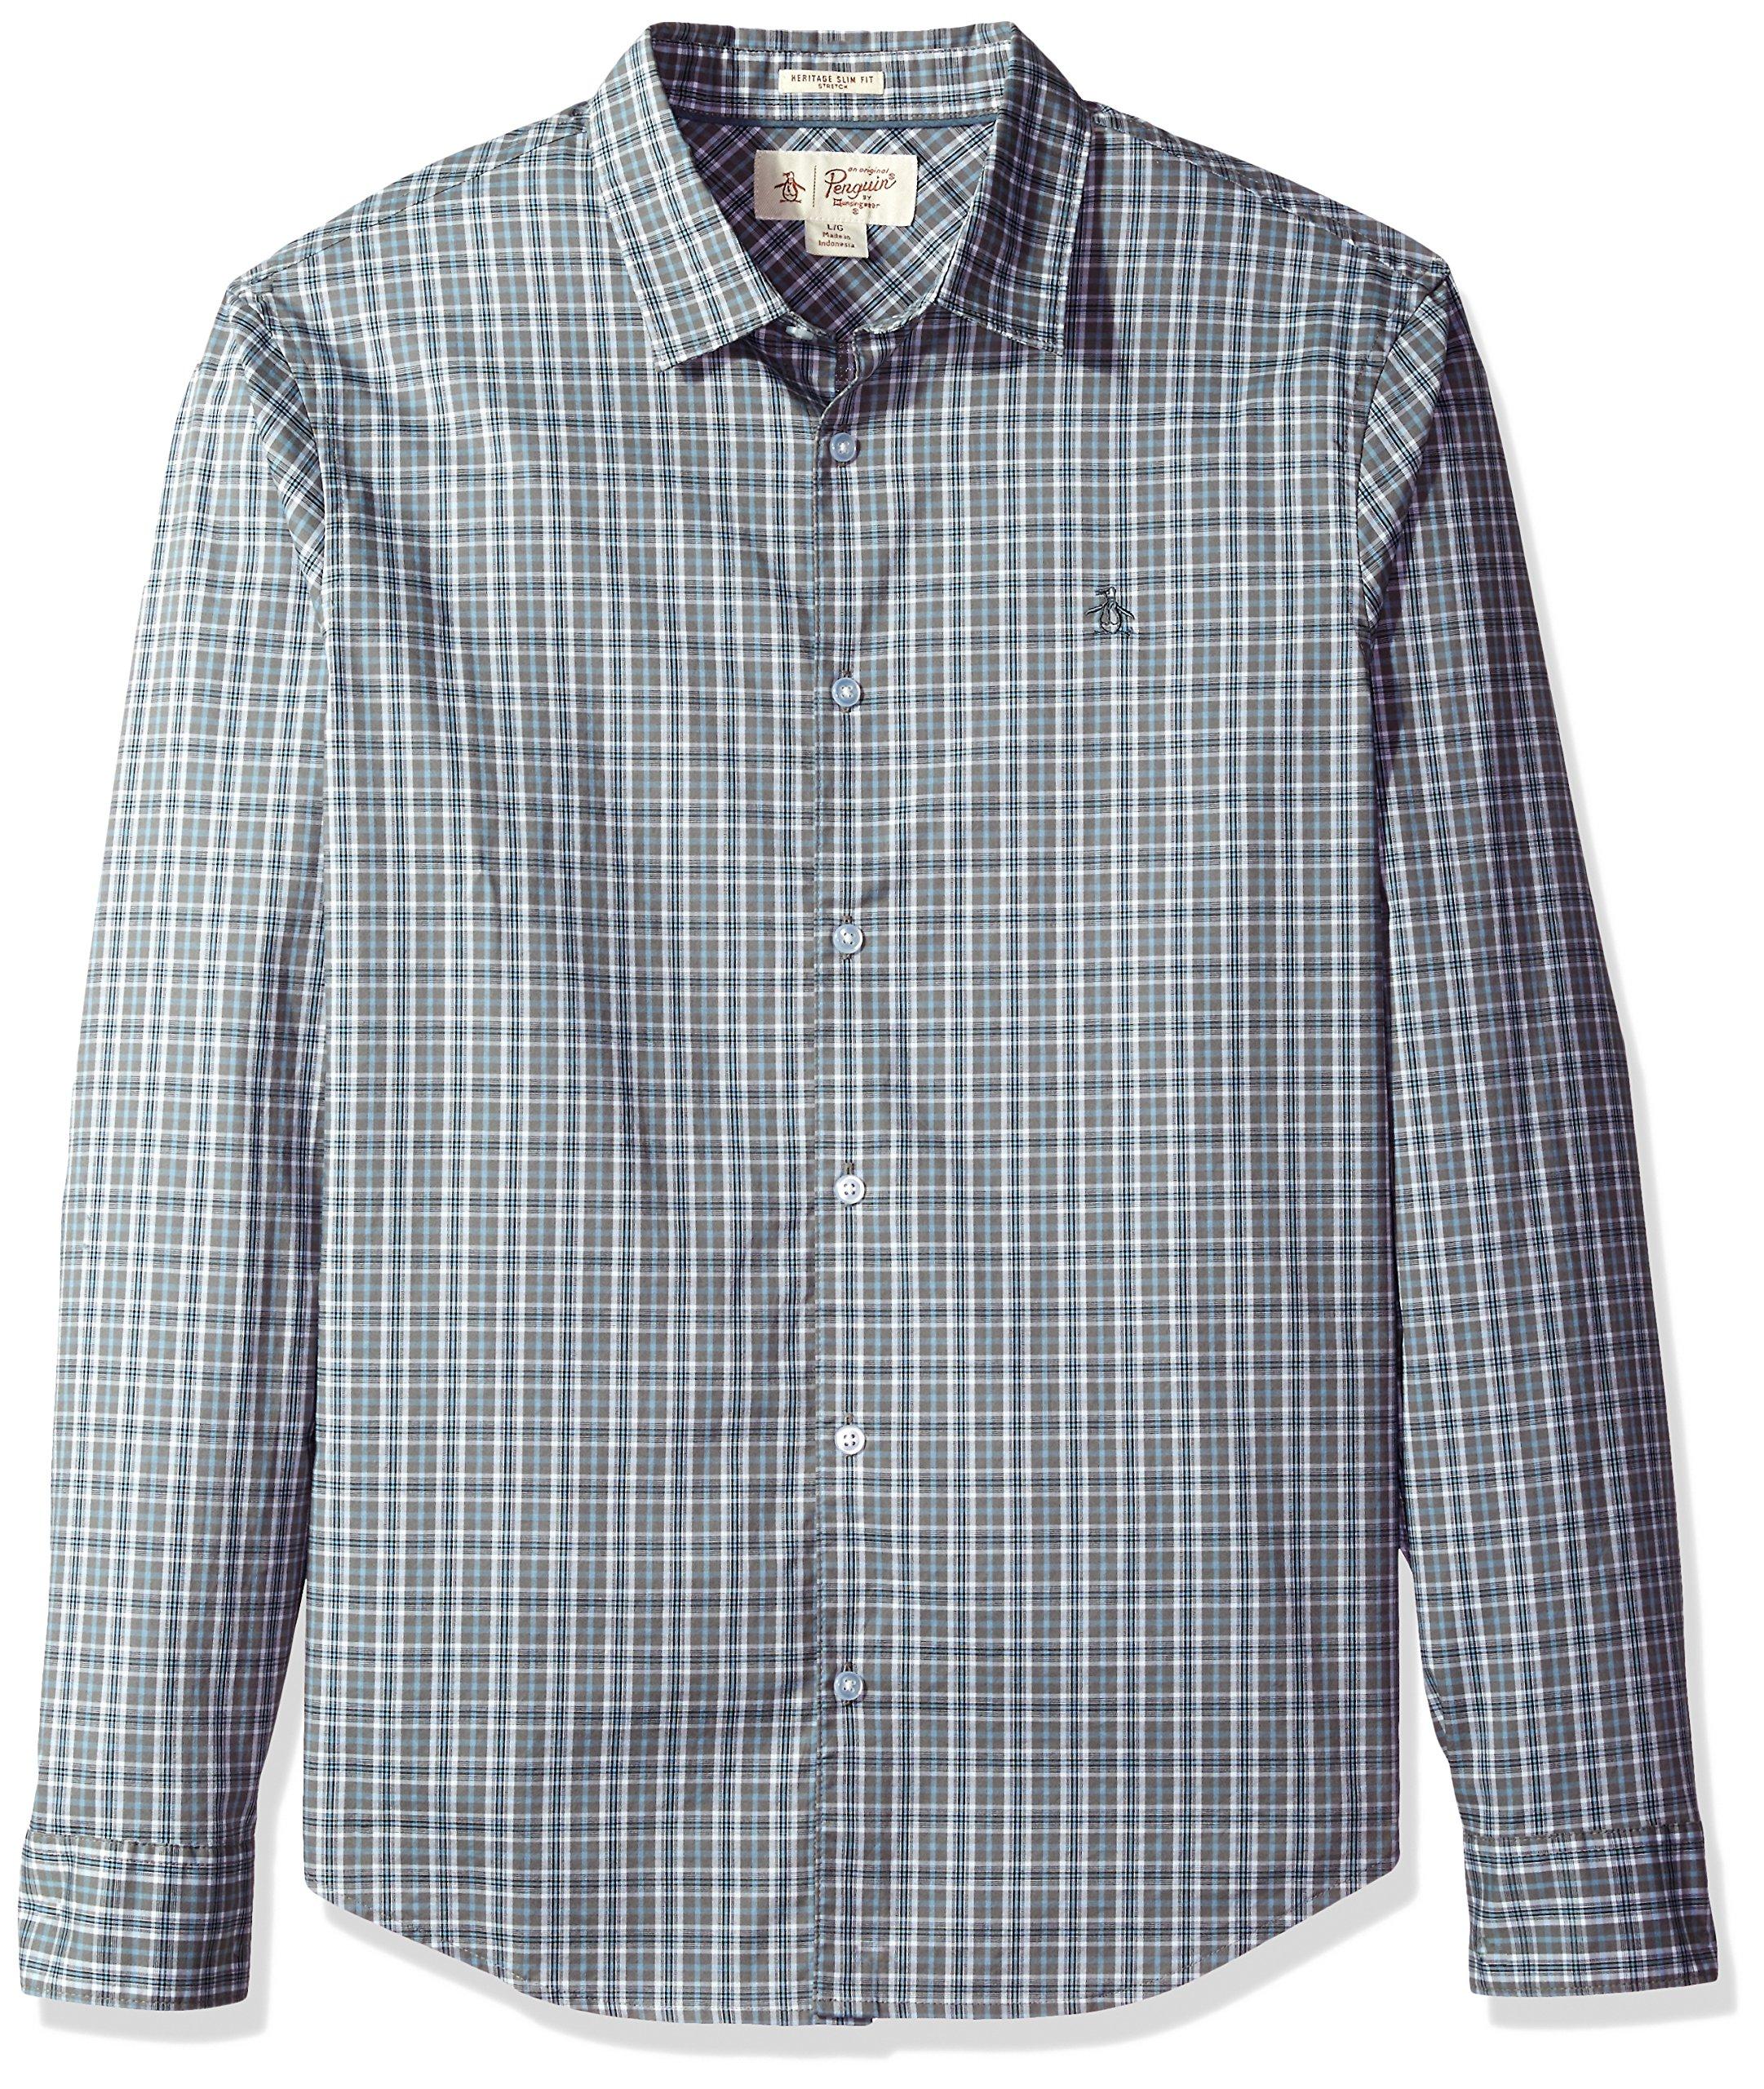 Original Penguin Men's Tartan Check Dress Shirt, Steel Gray, Extra Extra Large